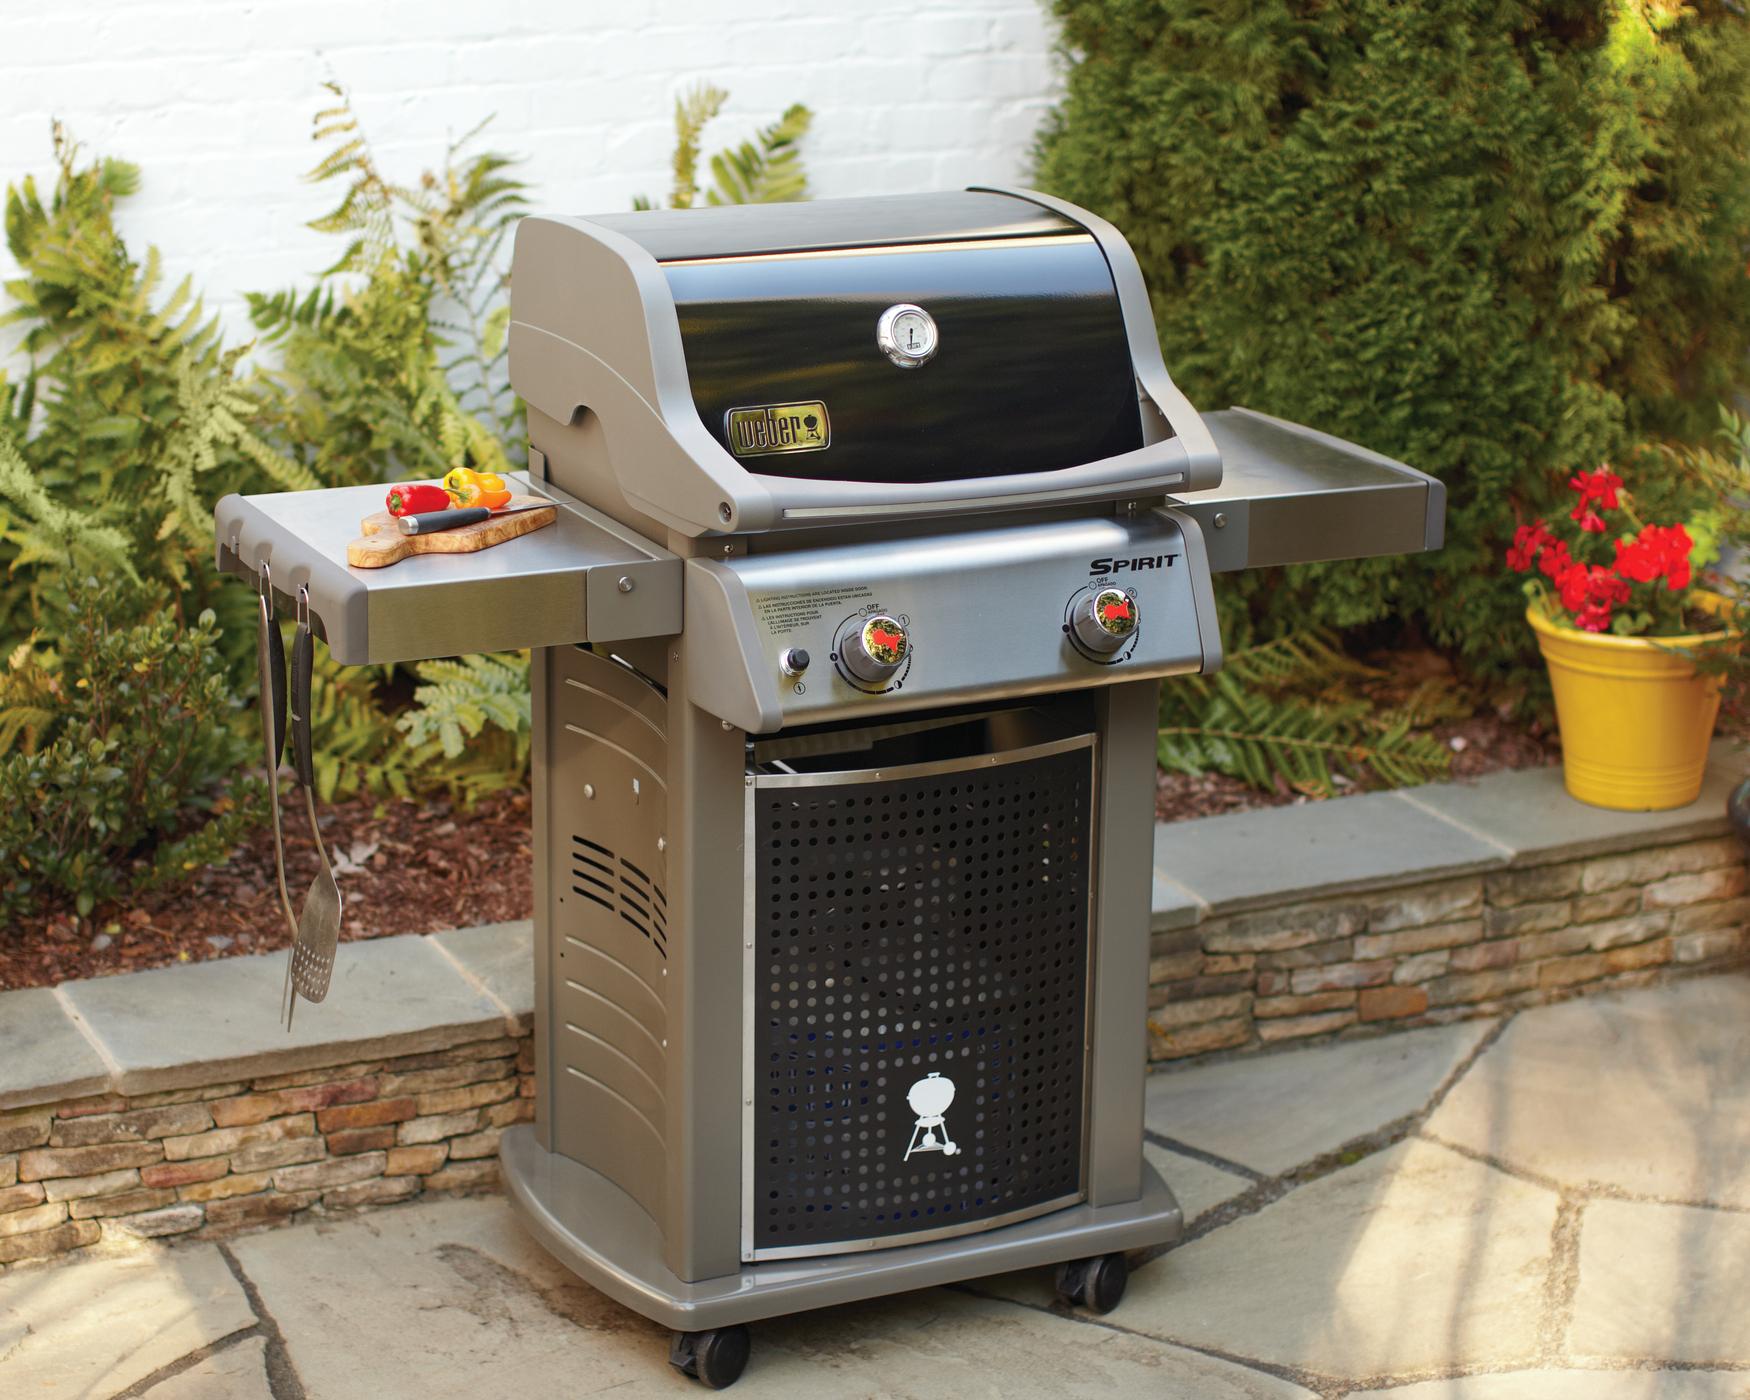 Outdoor Küche Weber Spirit : Outdoor küche box outdoor küche für weber grill arbeitsplatte küche